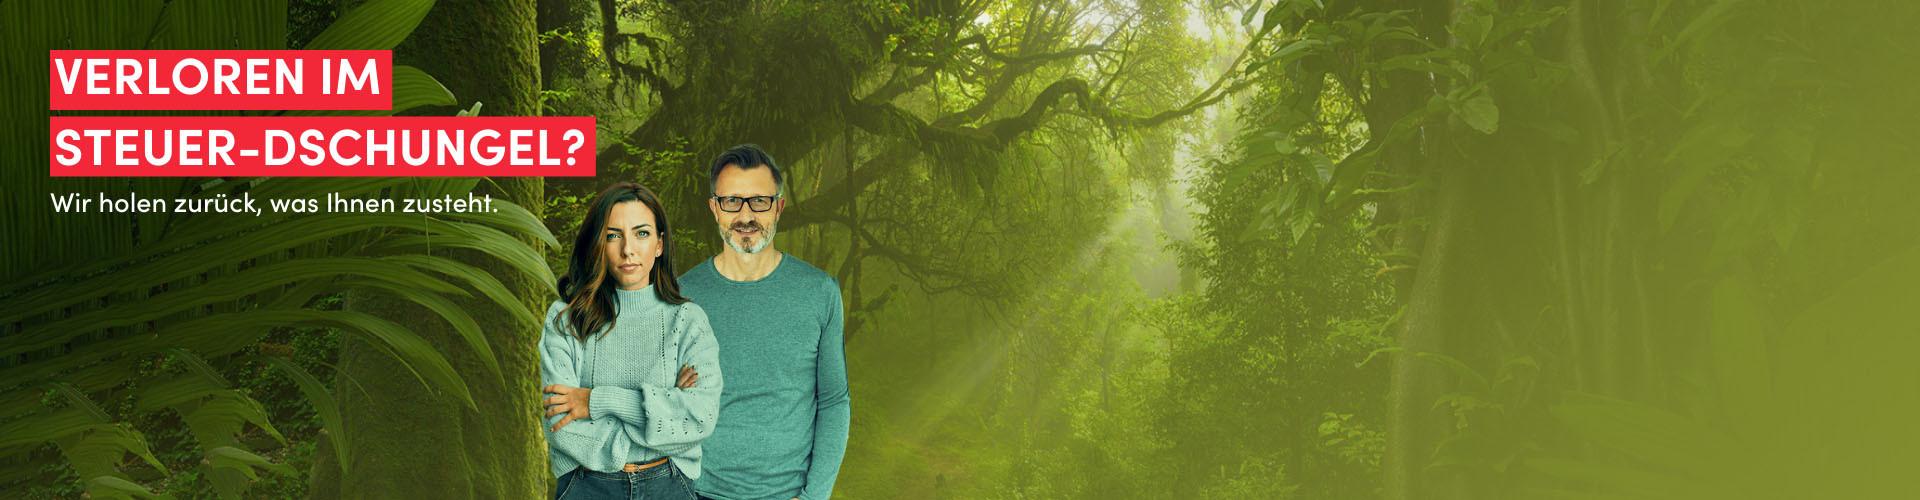 Verloren im Steuer-Dschungel? © AdobeStock